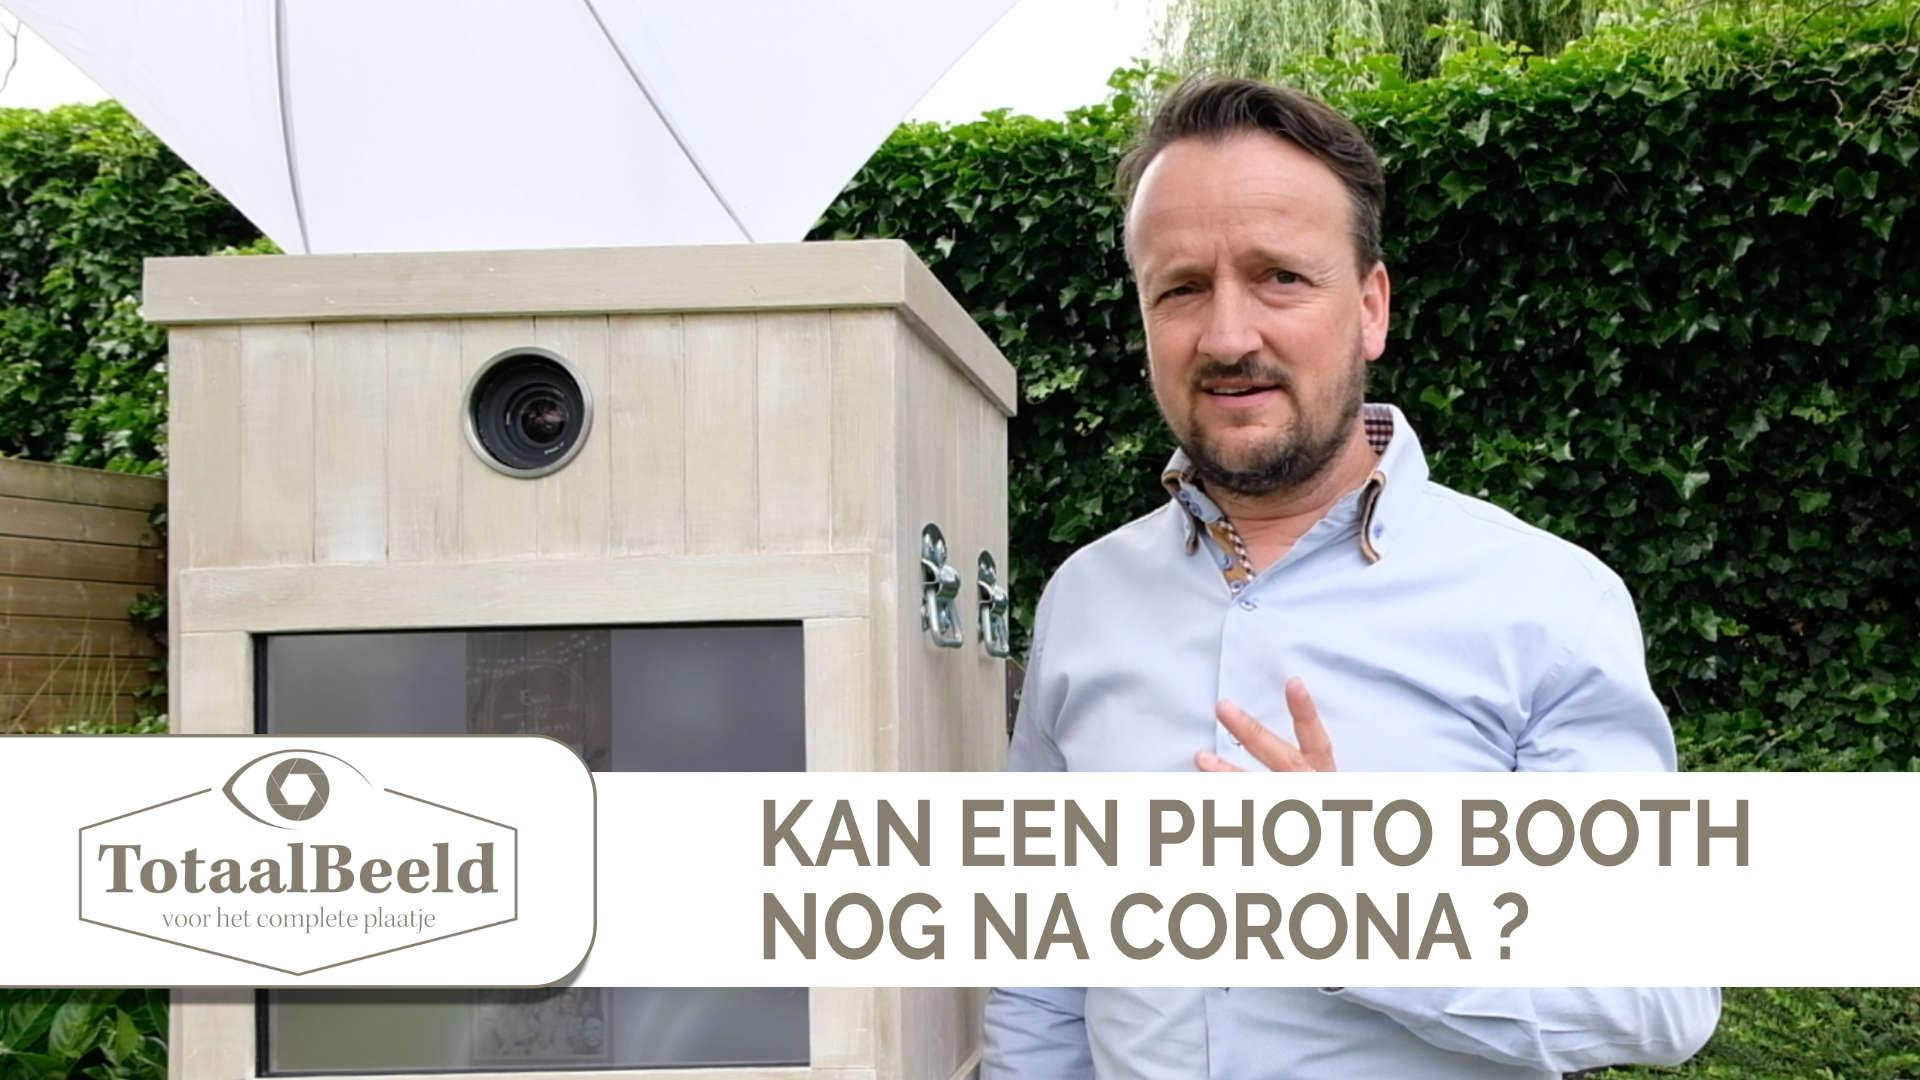 Kan een photobooth na corona